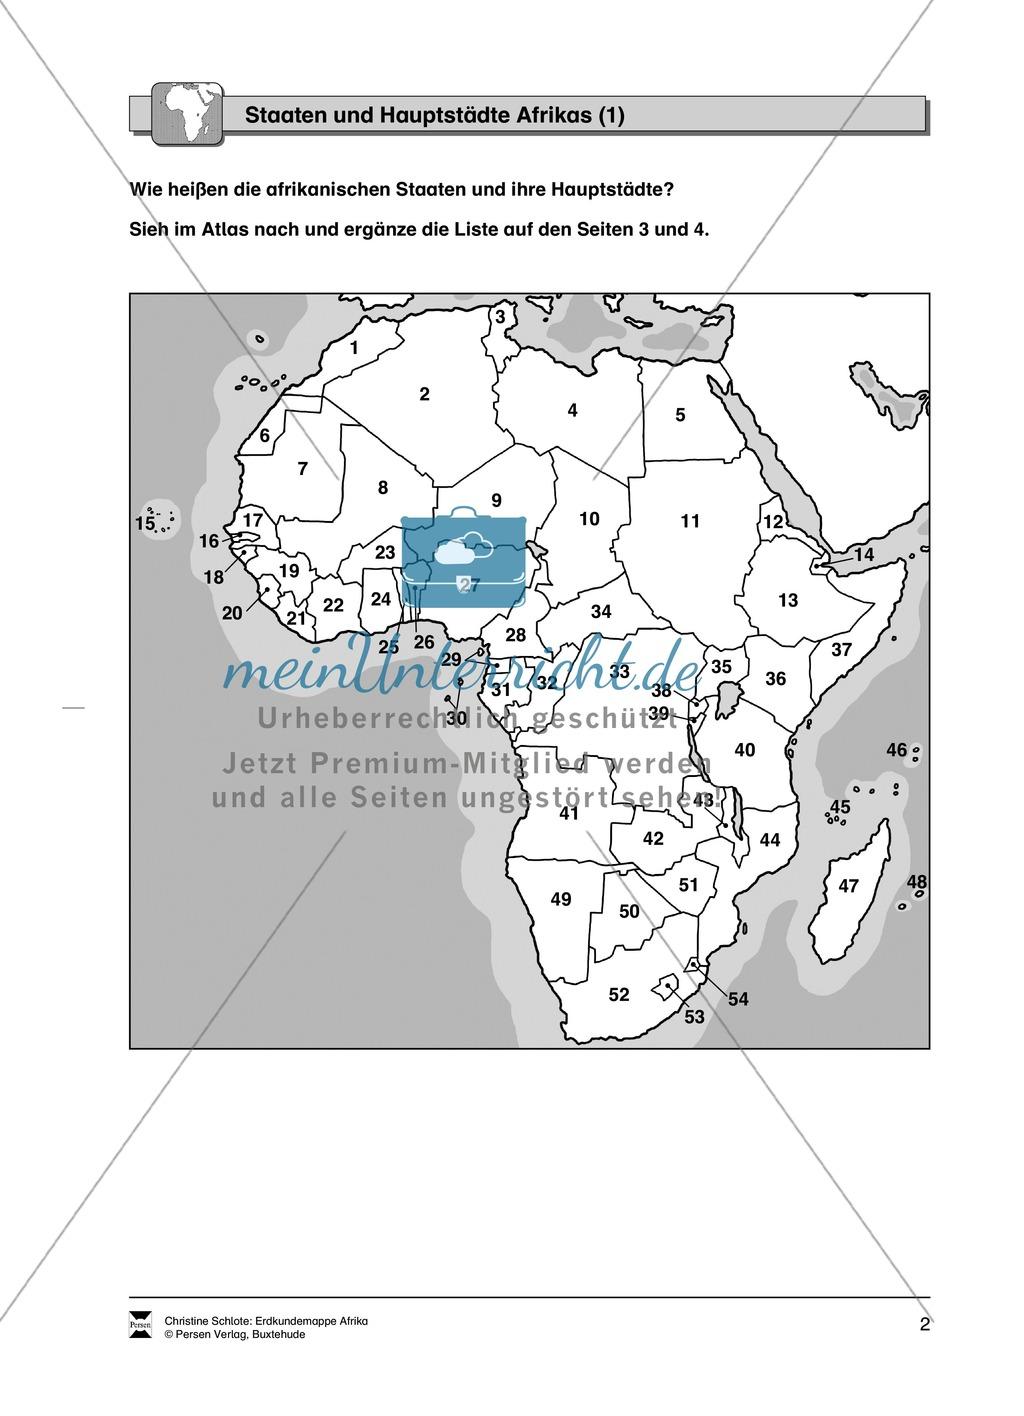 Kopiervorlage zu einer Übersicht über den Kontinent Afrika ...